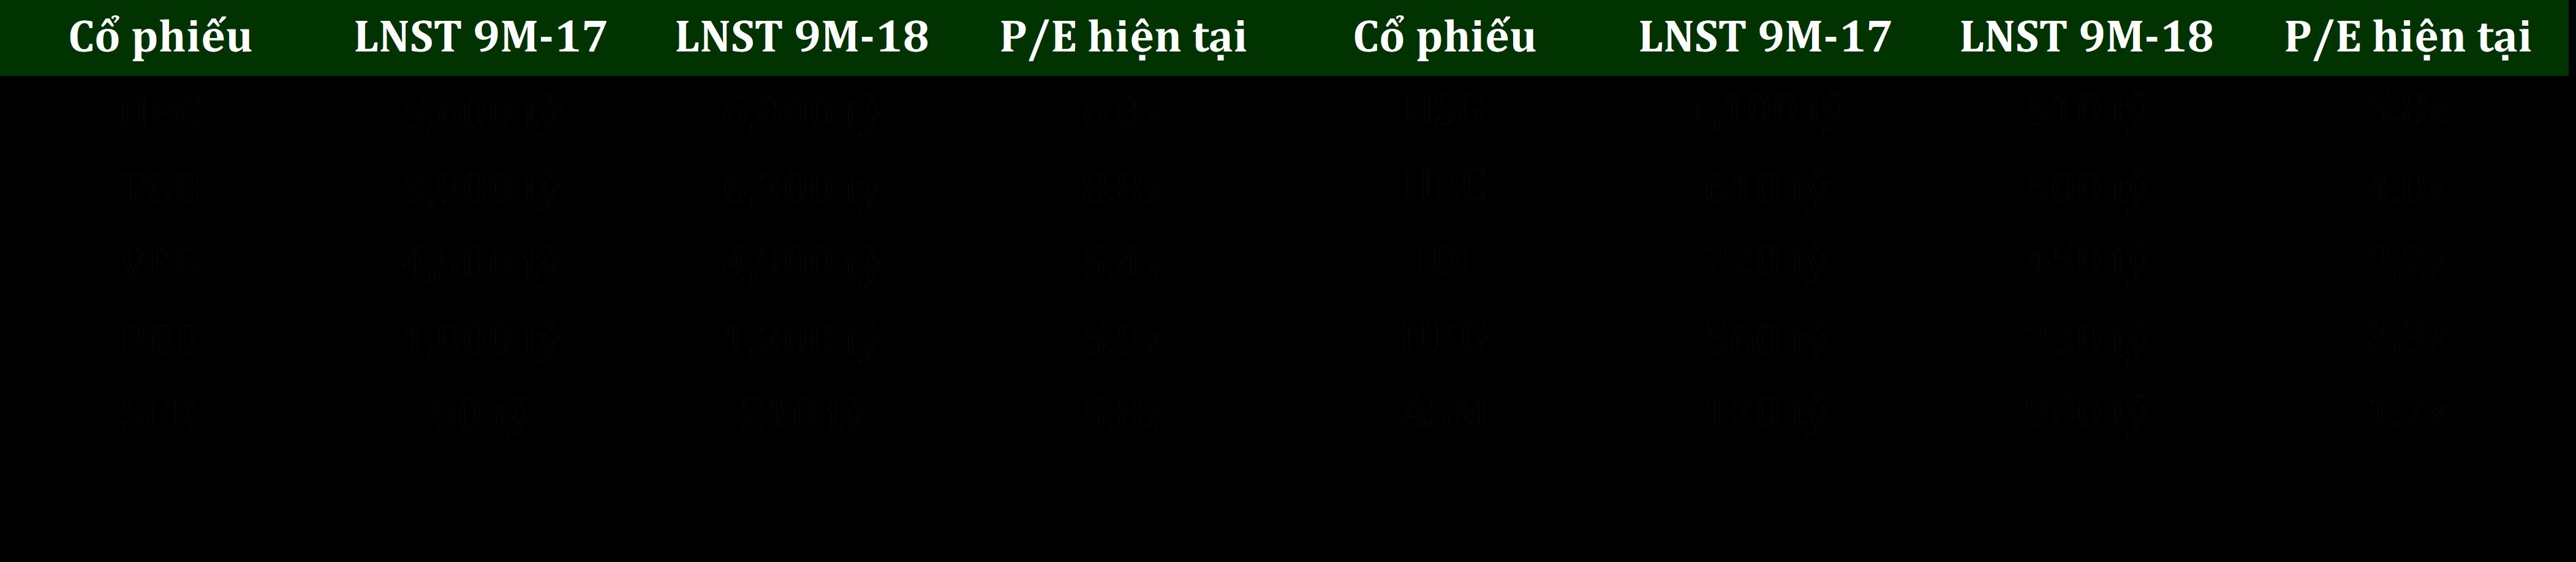 p/e thị trường